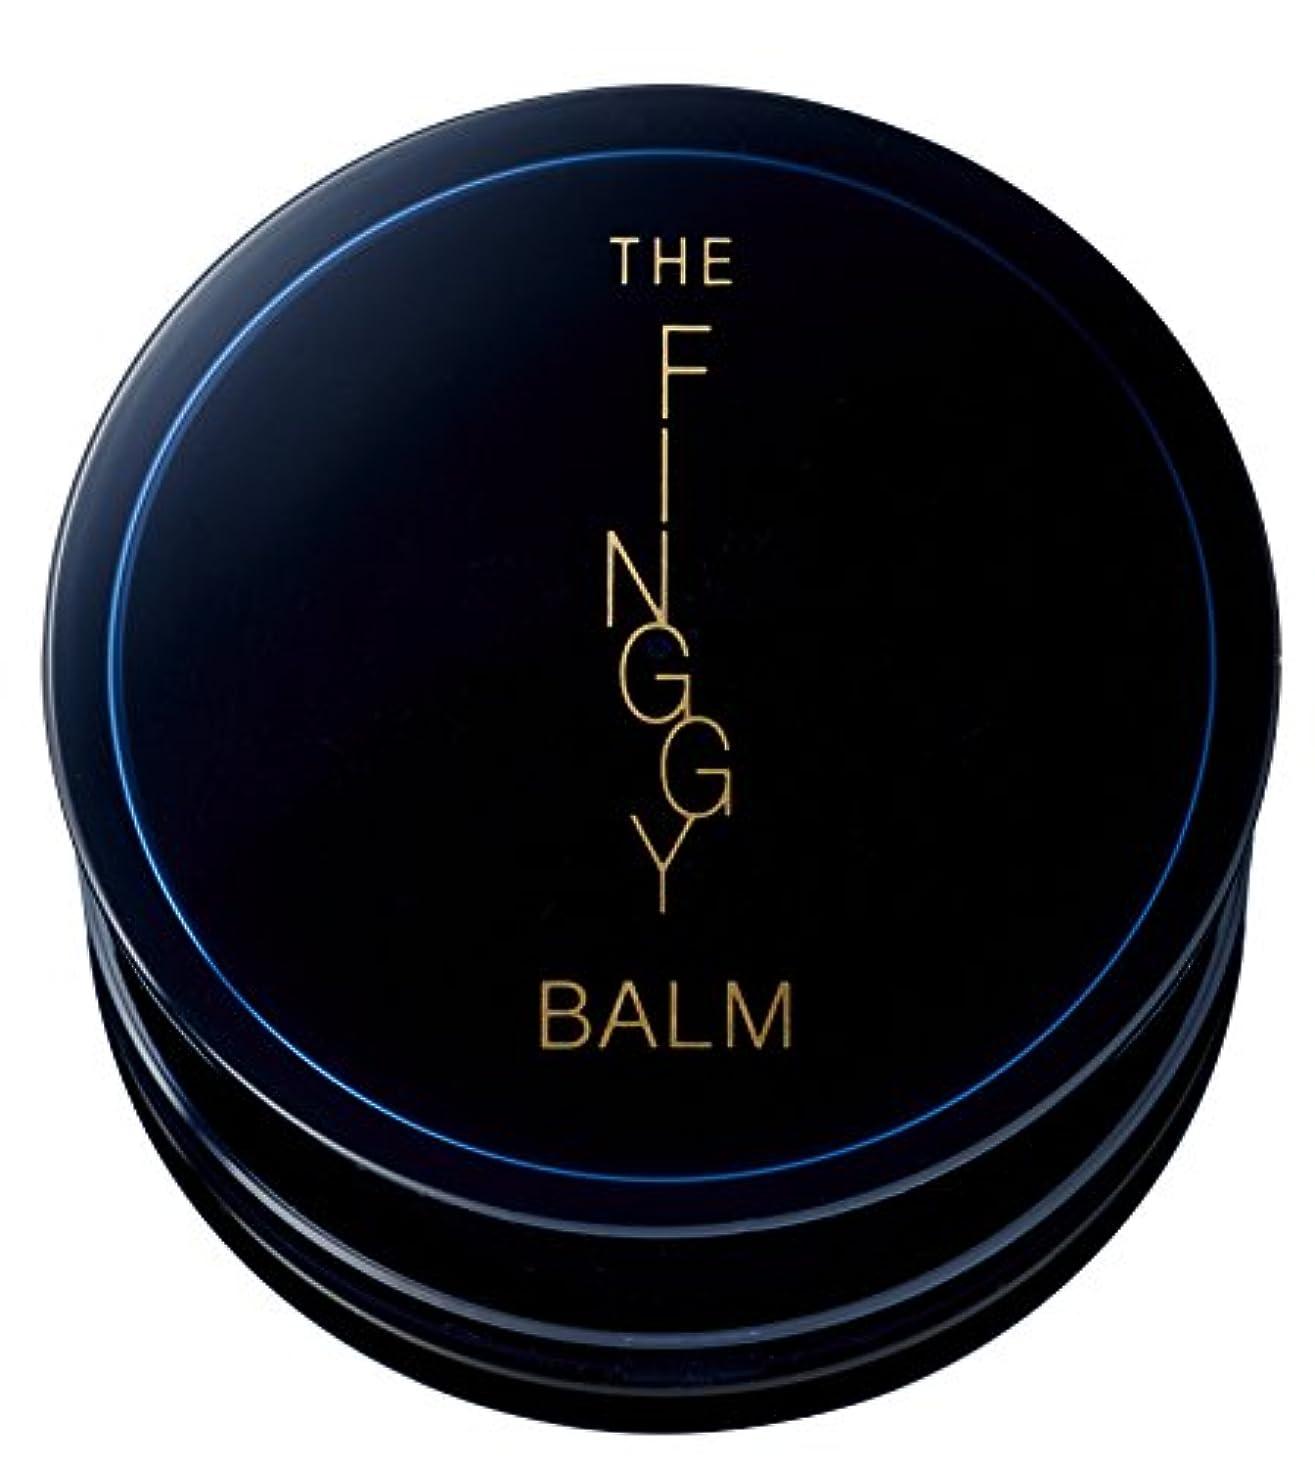 ハーフ受賞証人FINGGY BALM スキンプロテクター